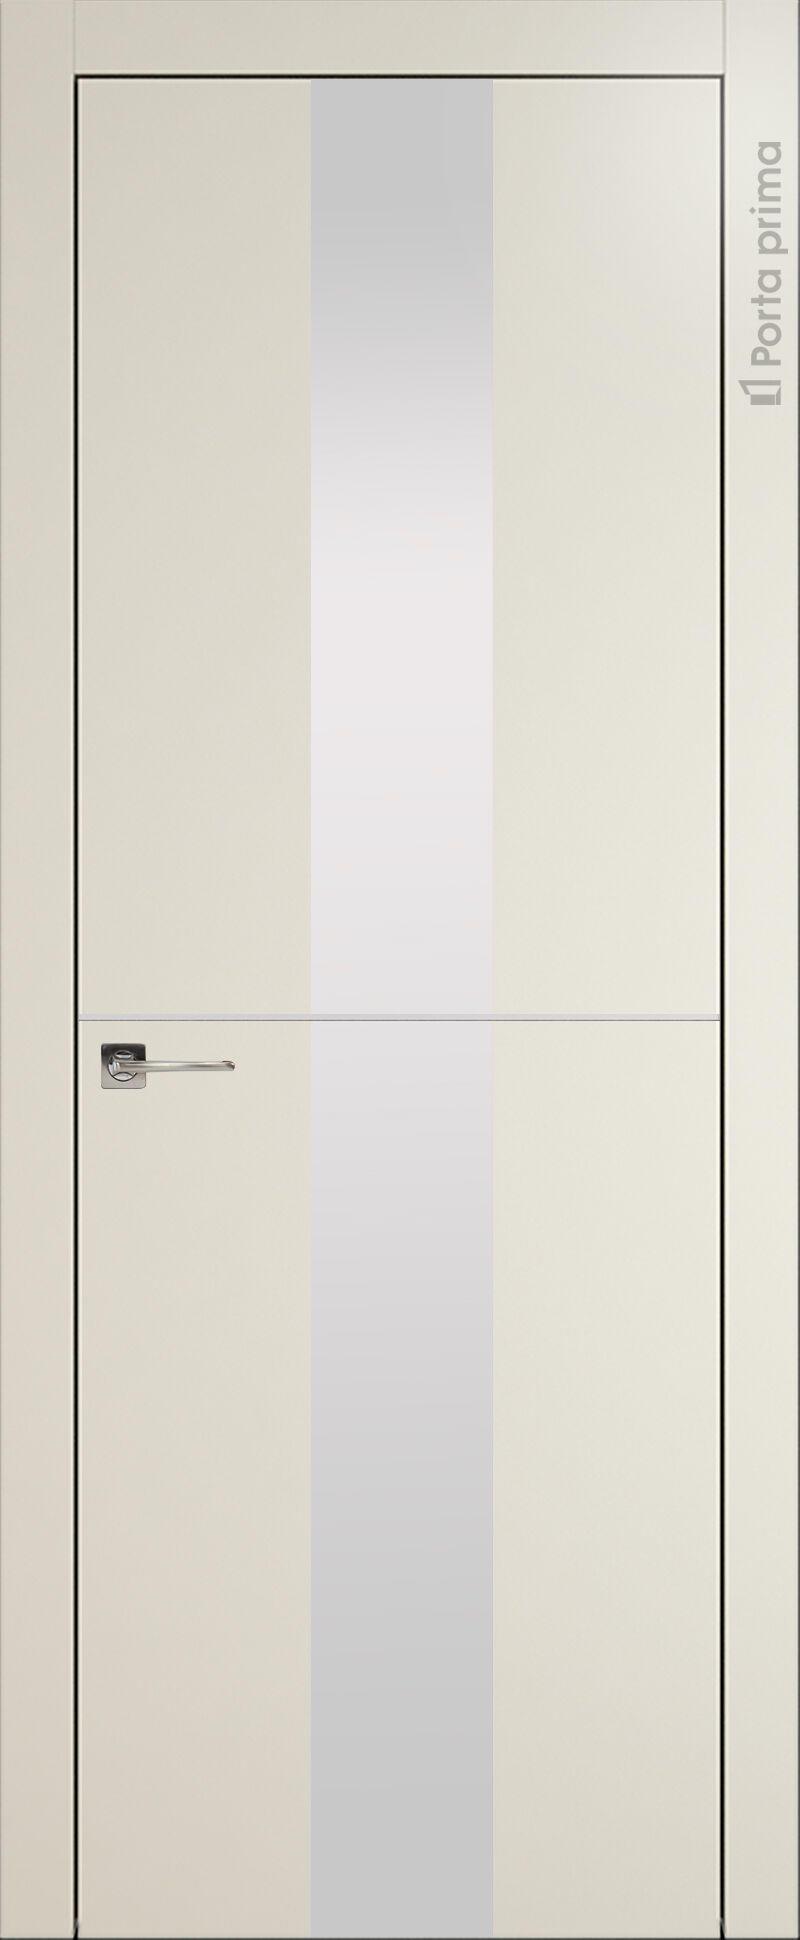 Tivoli Ж-3 цвет - Жемчужная эмаль (RAL 1013) Со стеклом (ДО)